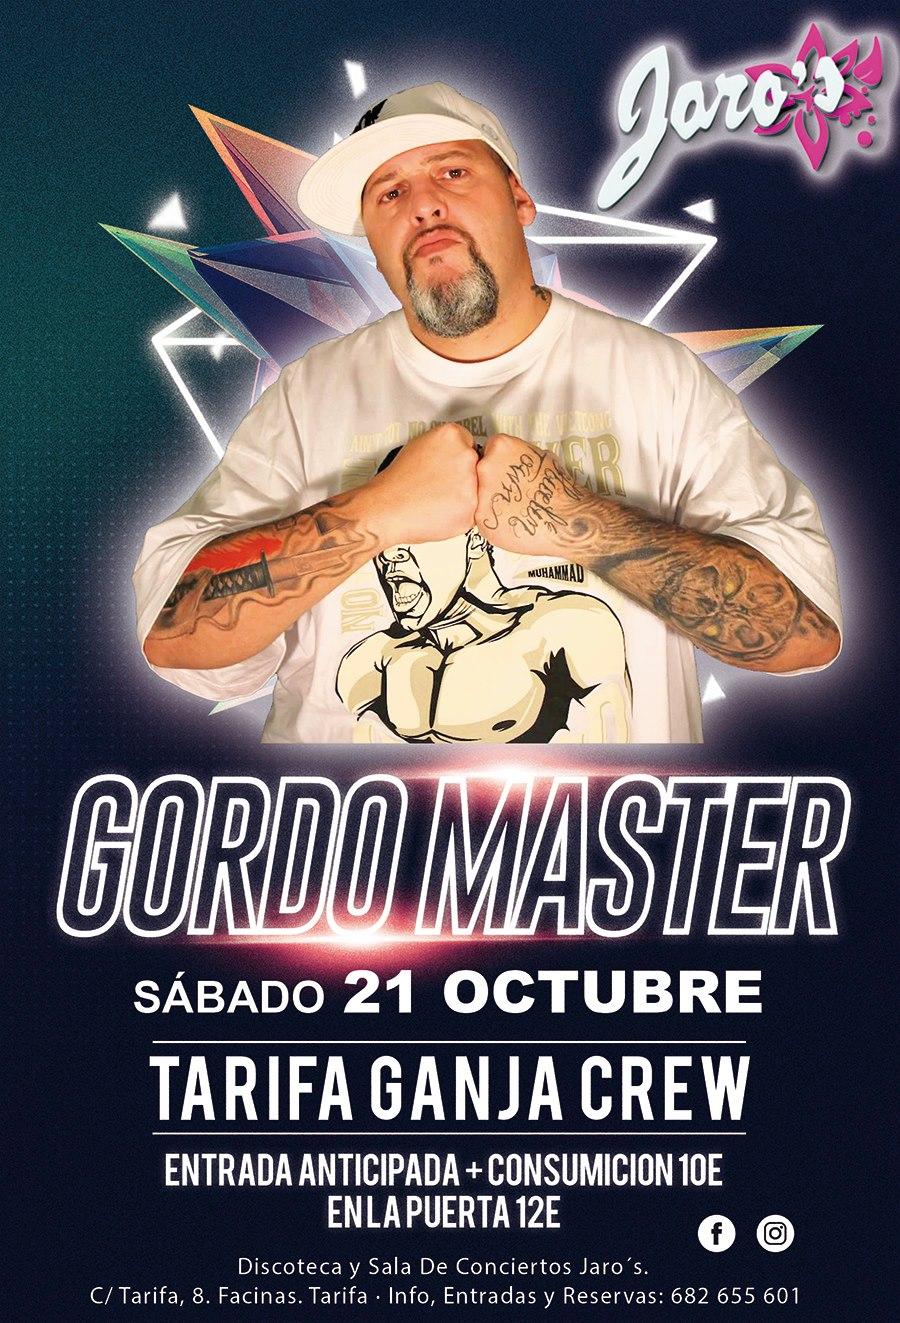 Gordo Master en discoteca Jaro^s en Facinas